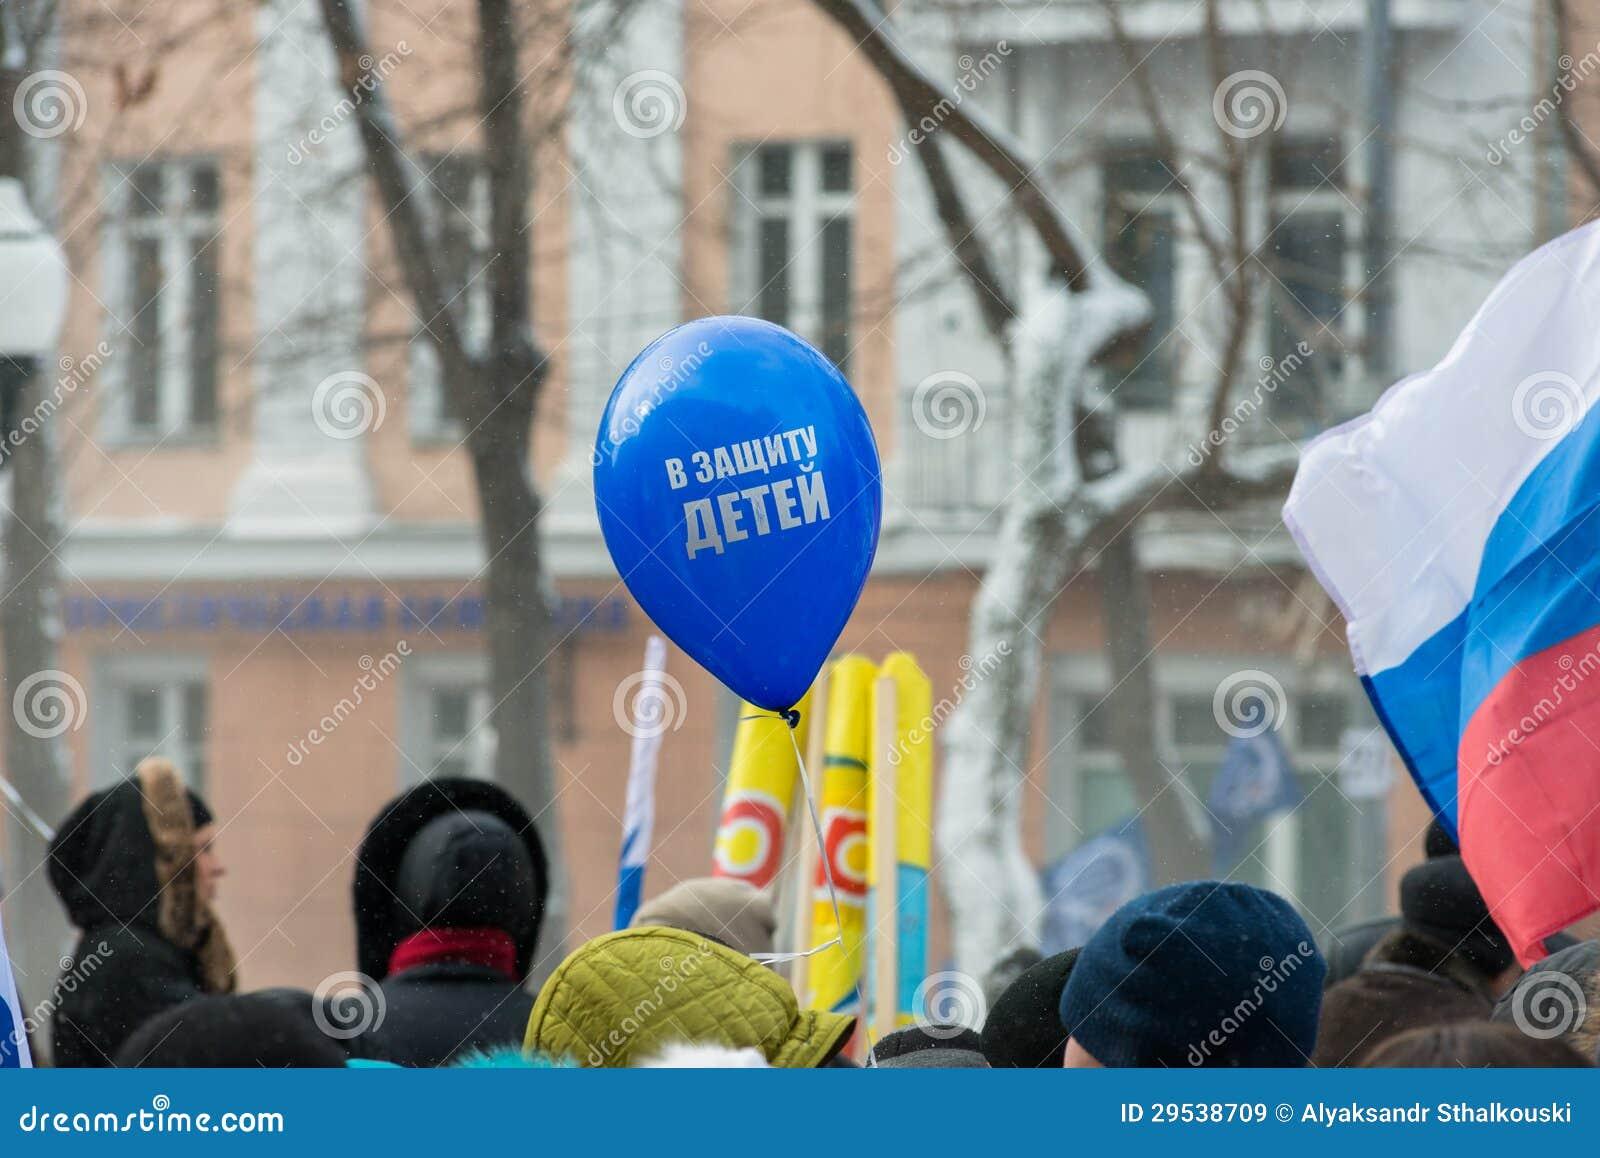 O balão com texto protege crianças